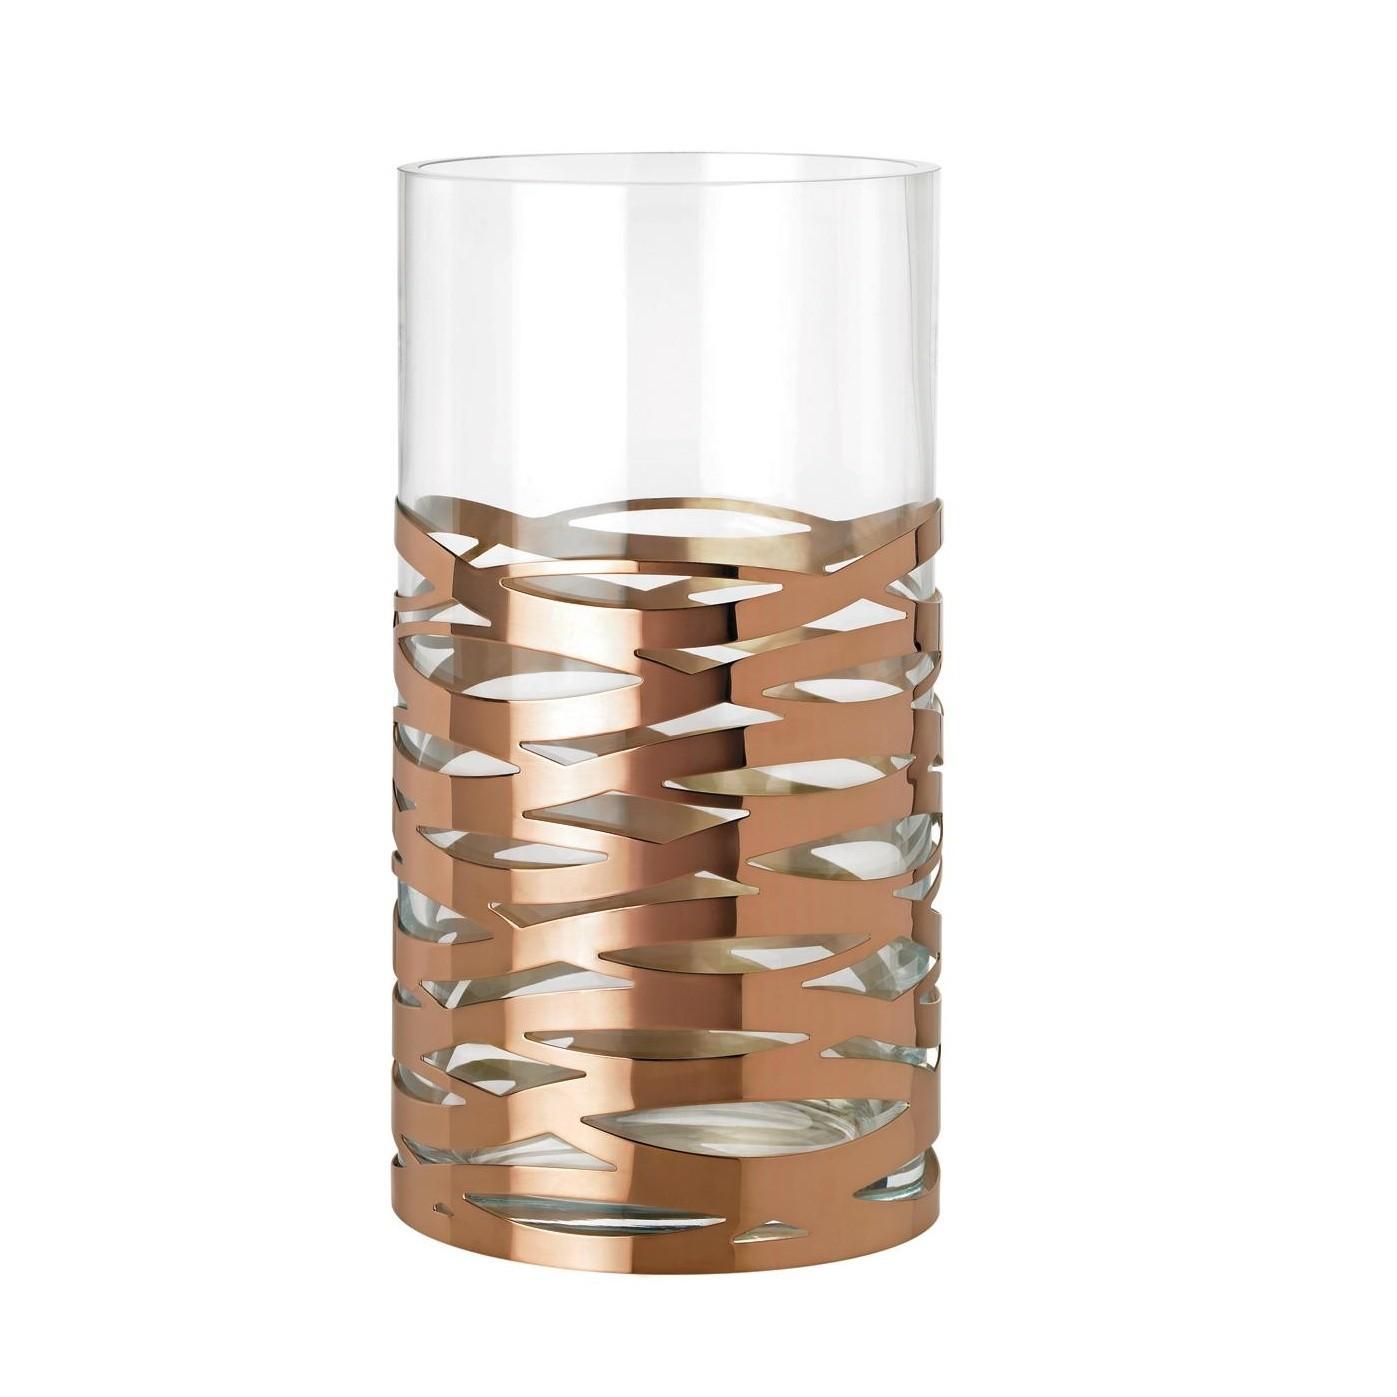 Stelton Tangle Magnum Floor Vase   AmbienteDirect on floor cup holders, floor rug holders, floor plant holders, floor sign holders, floor door holders, floor quilt holders, floor pillow holders,